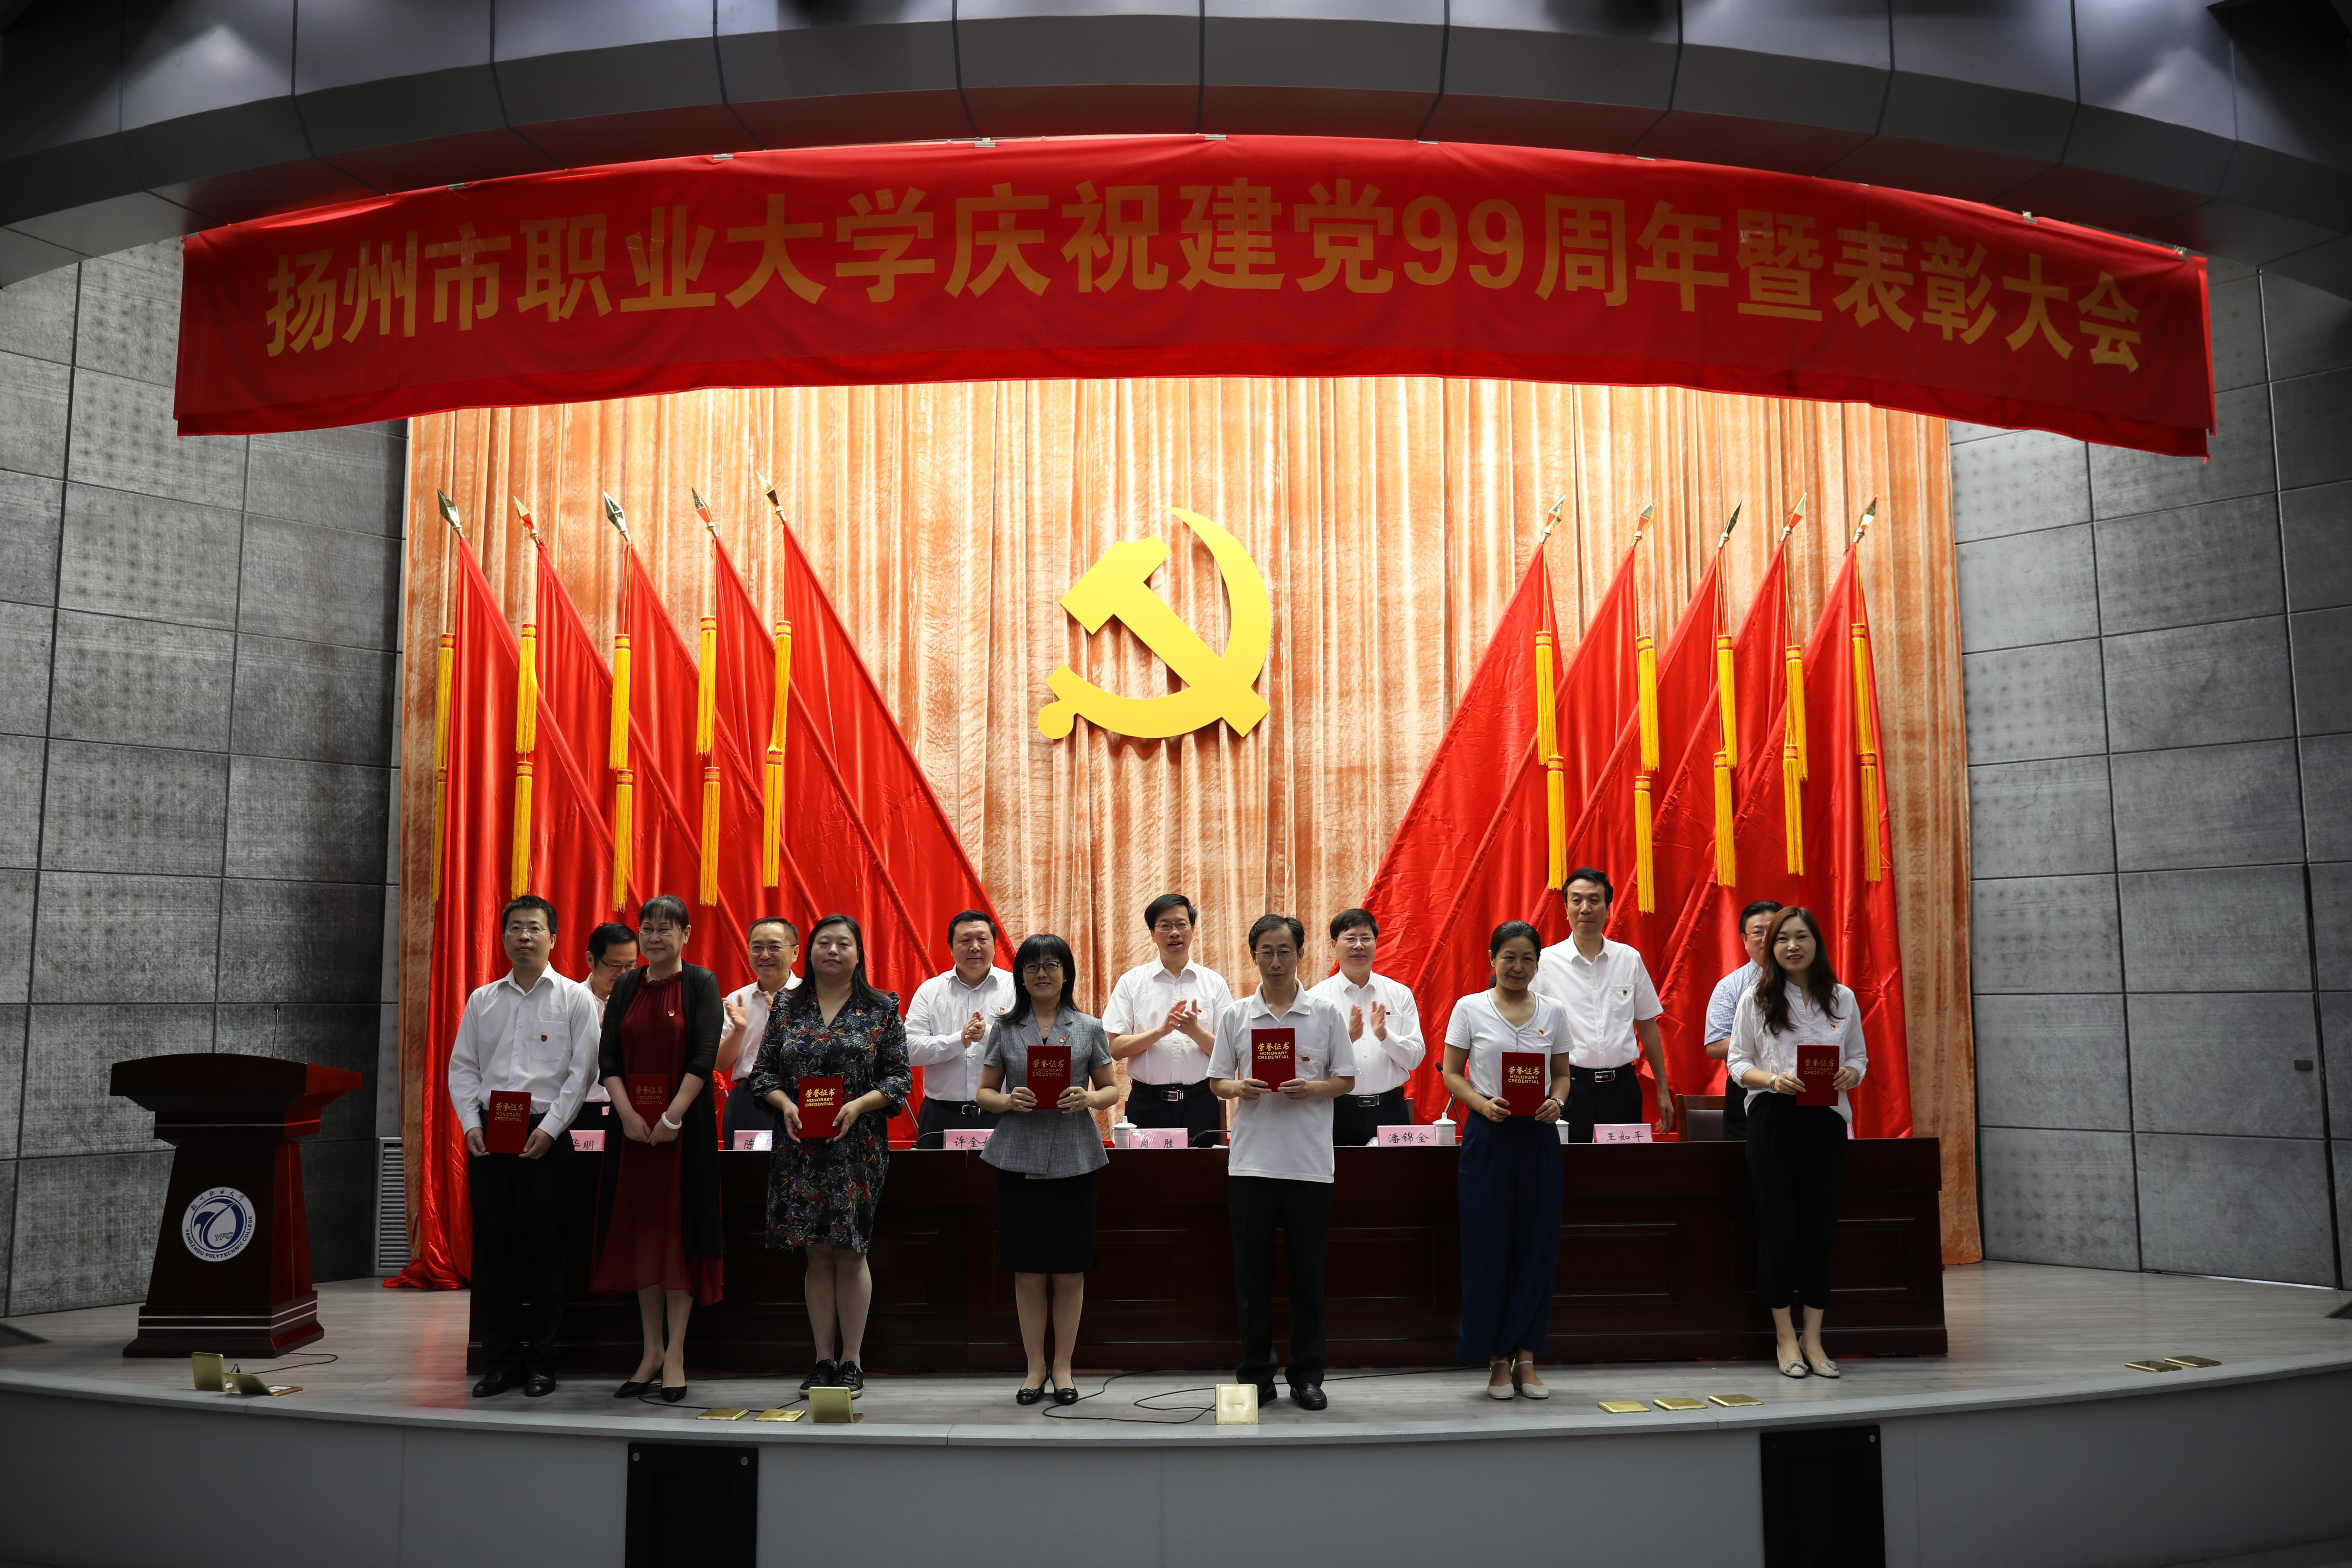 學校隆重舉行慶祝建黨99周年暨表彰大會